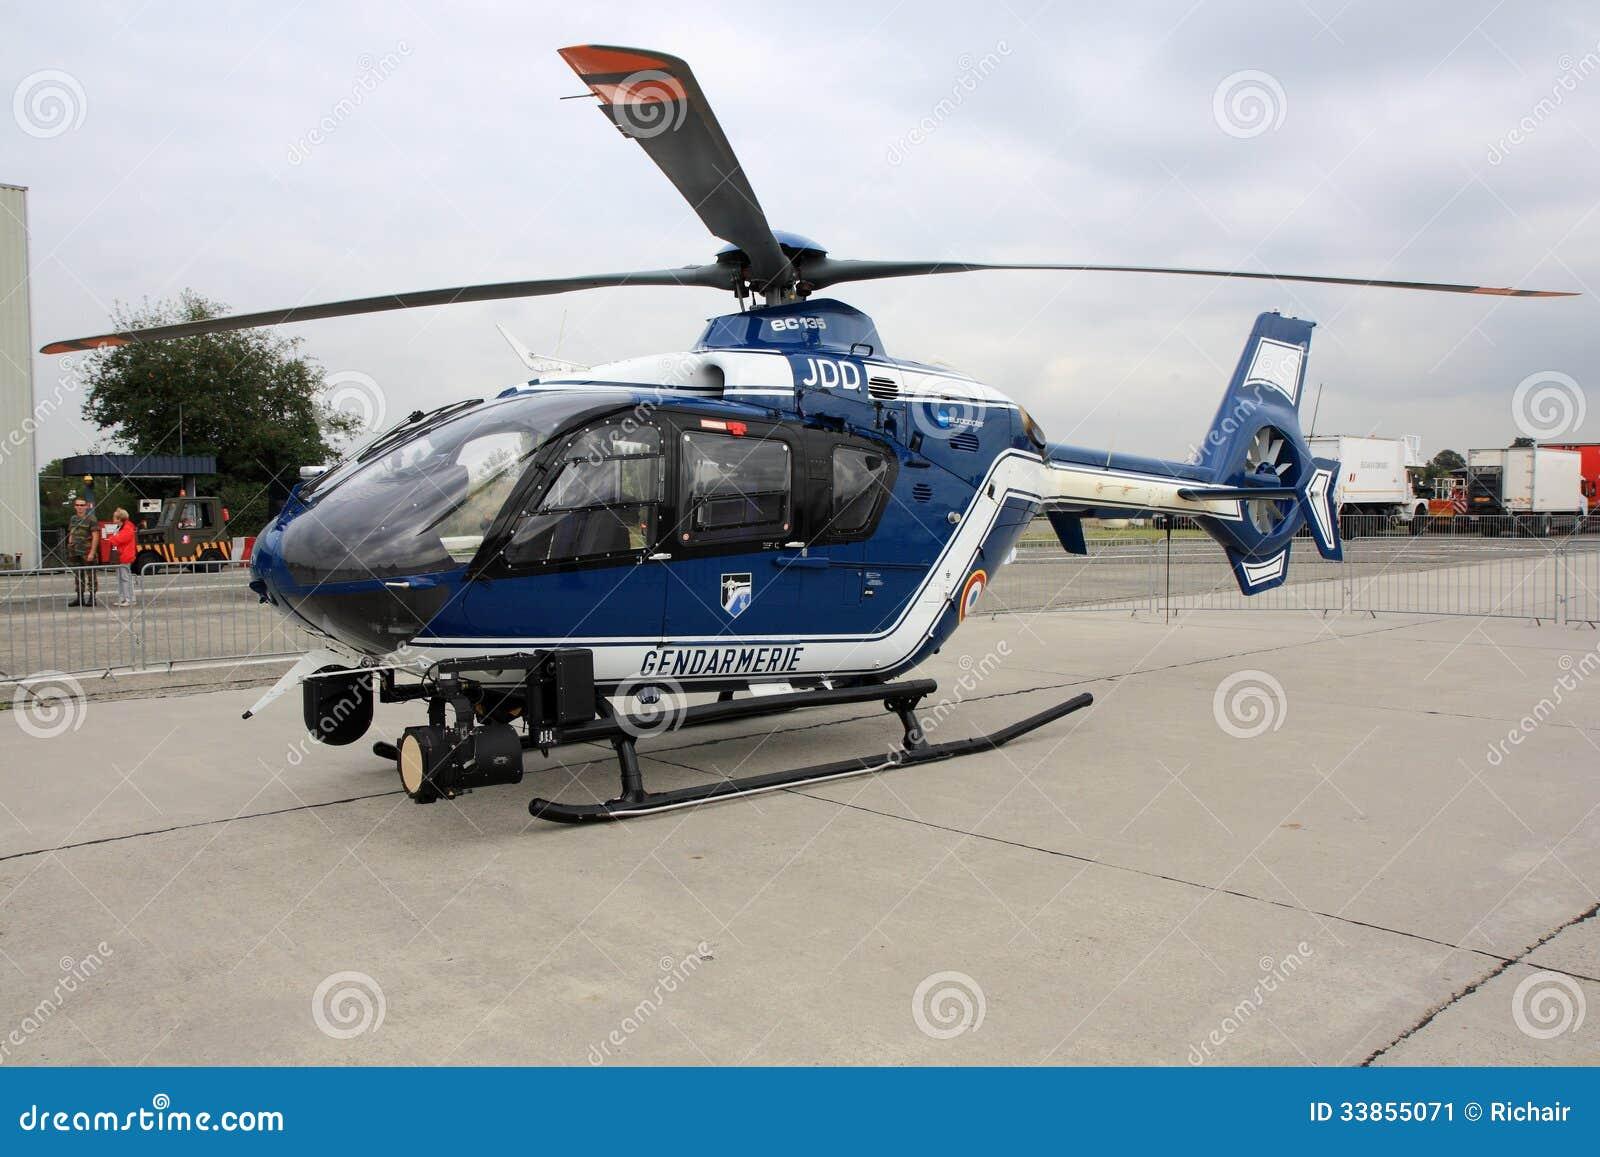 Elicottero Polizia : Elicottero di polizia francese fotografia editoriale